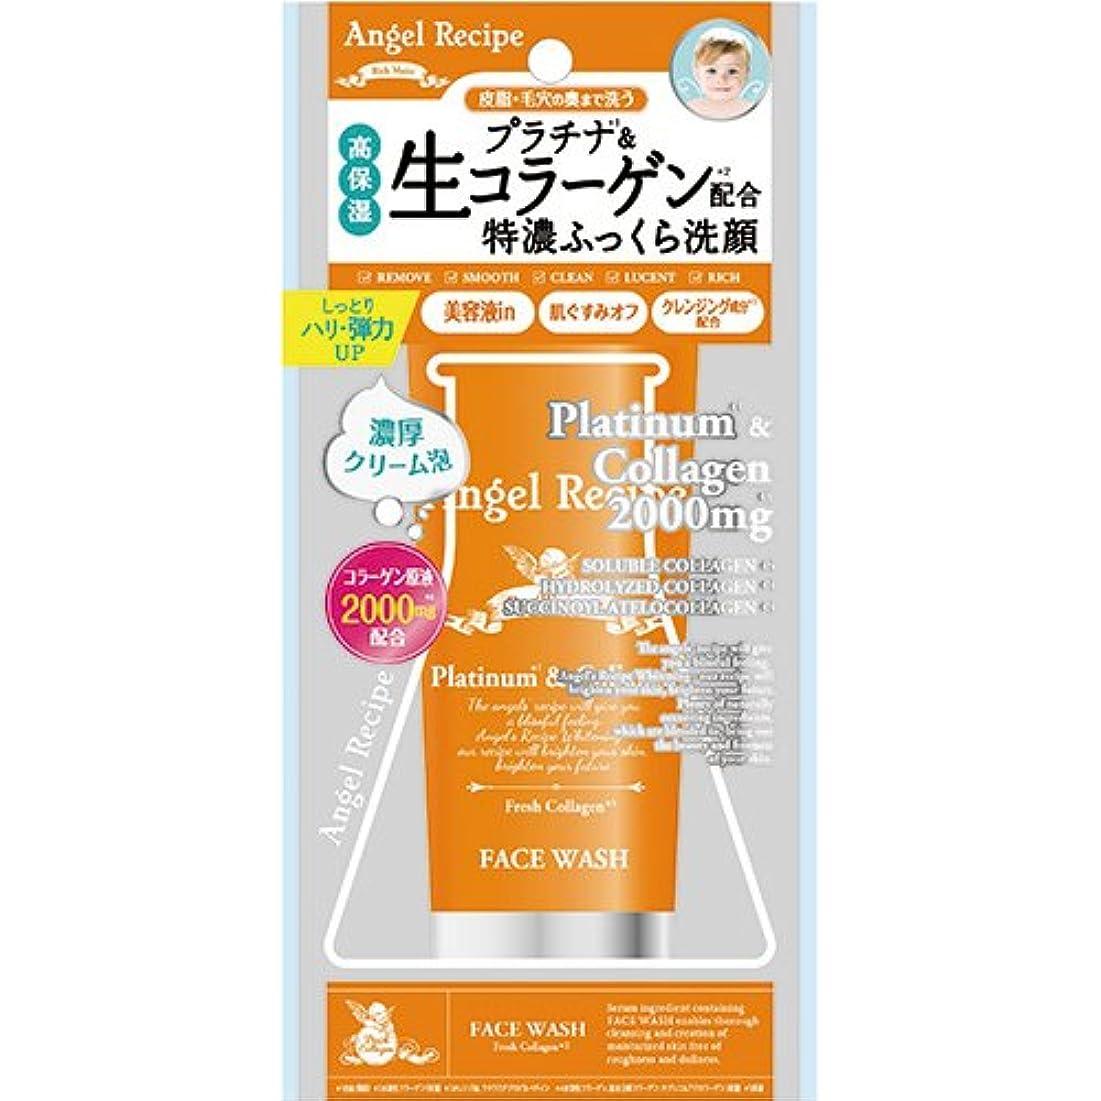 交換達成可能代名詞AngelRecipe エンジェルレシピ リッチモイスト 洗顔フォーム 90g